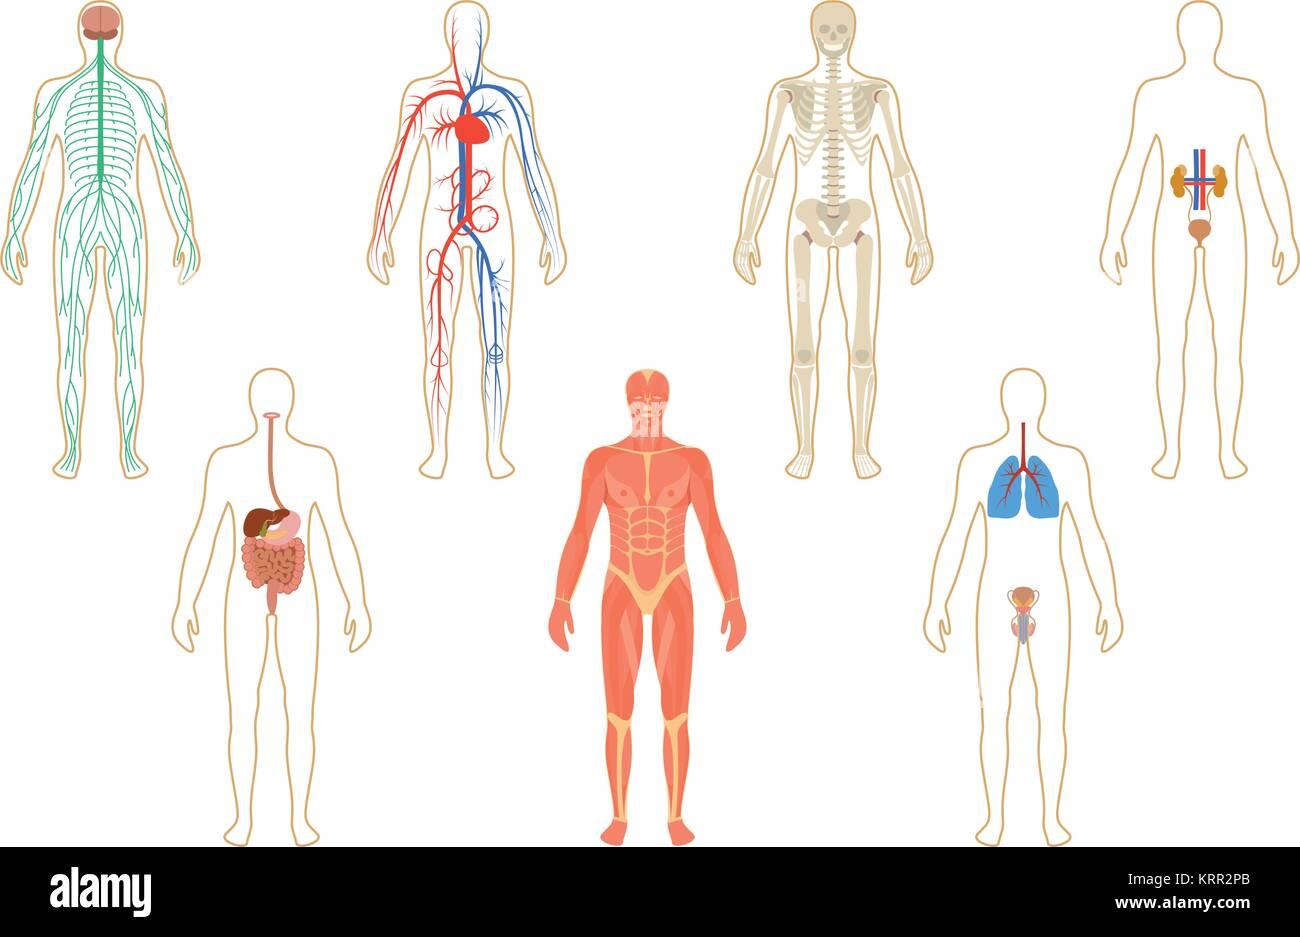 Erfreut Alle Systeme Des Körpers Ideen - Menschliche Anatomie Bilder ...